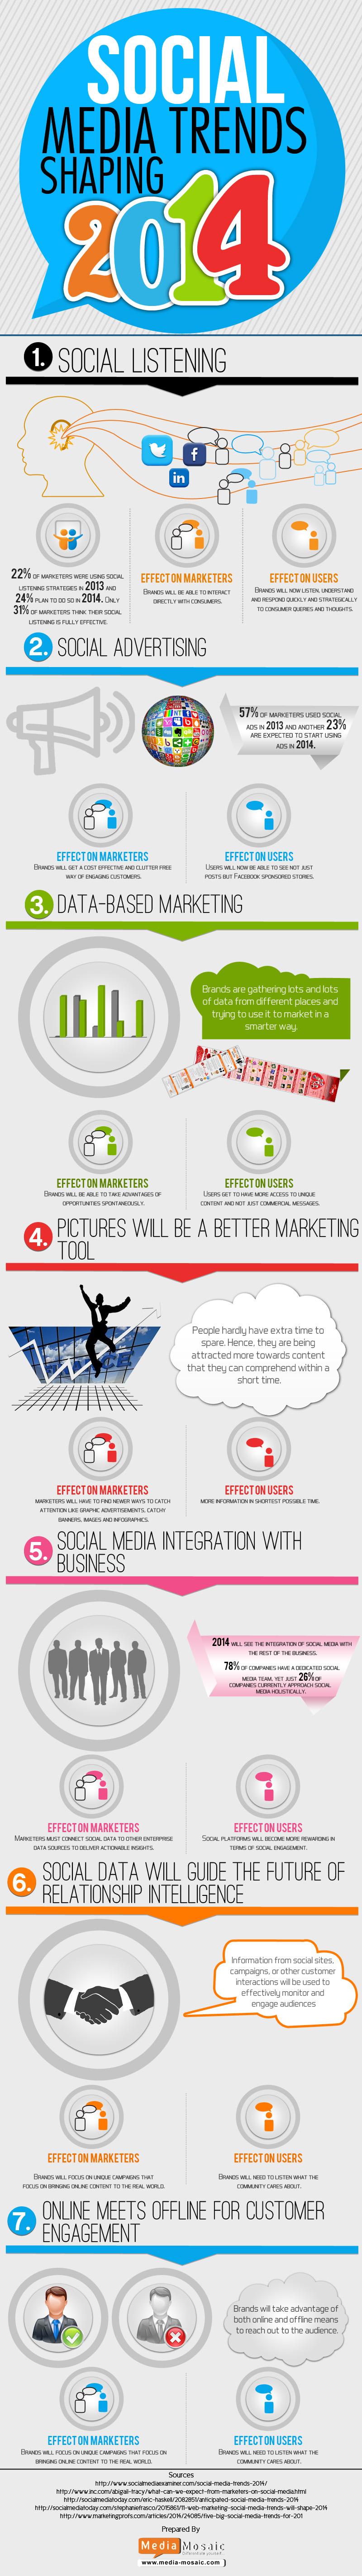 Social-Media-Shaping-Trends-2014